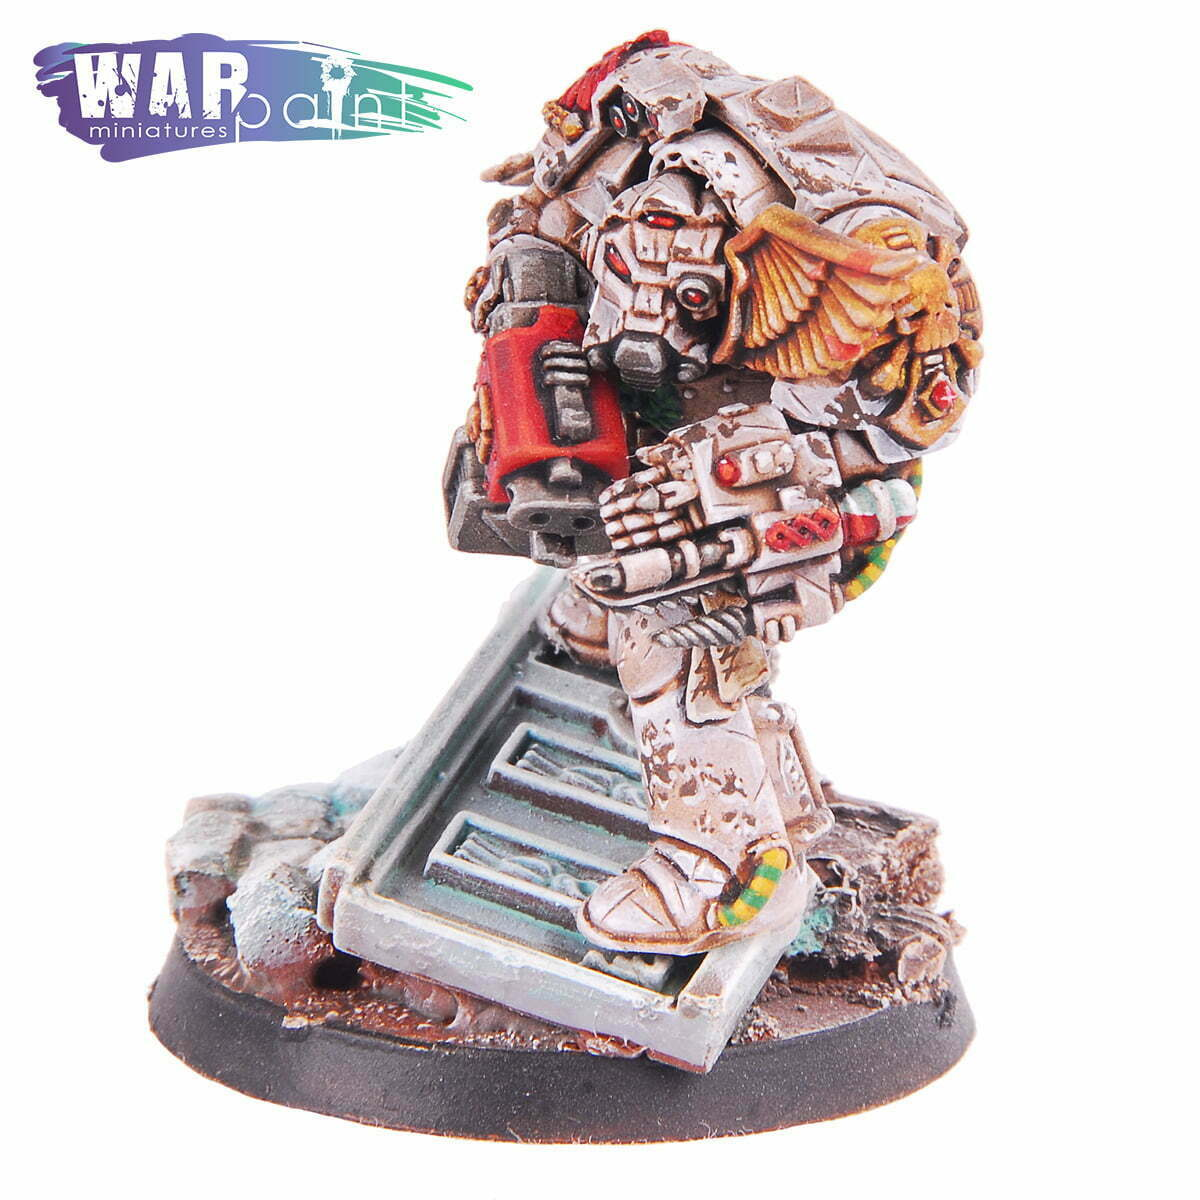 Deathwing-Terminator-Apothicary-Web-optimised-6